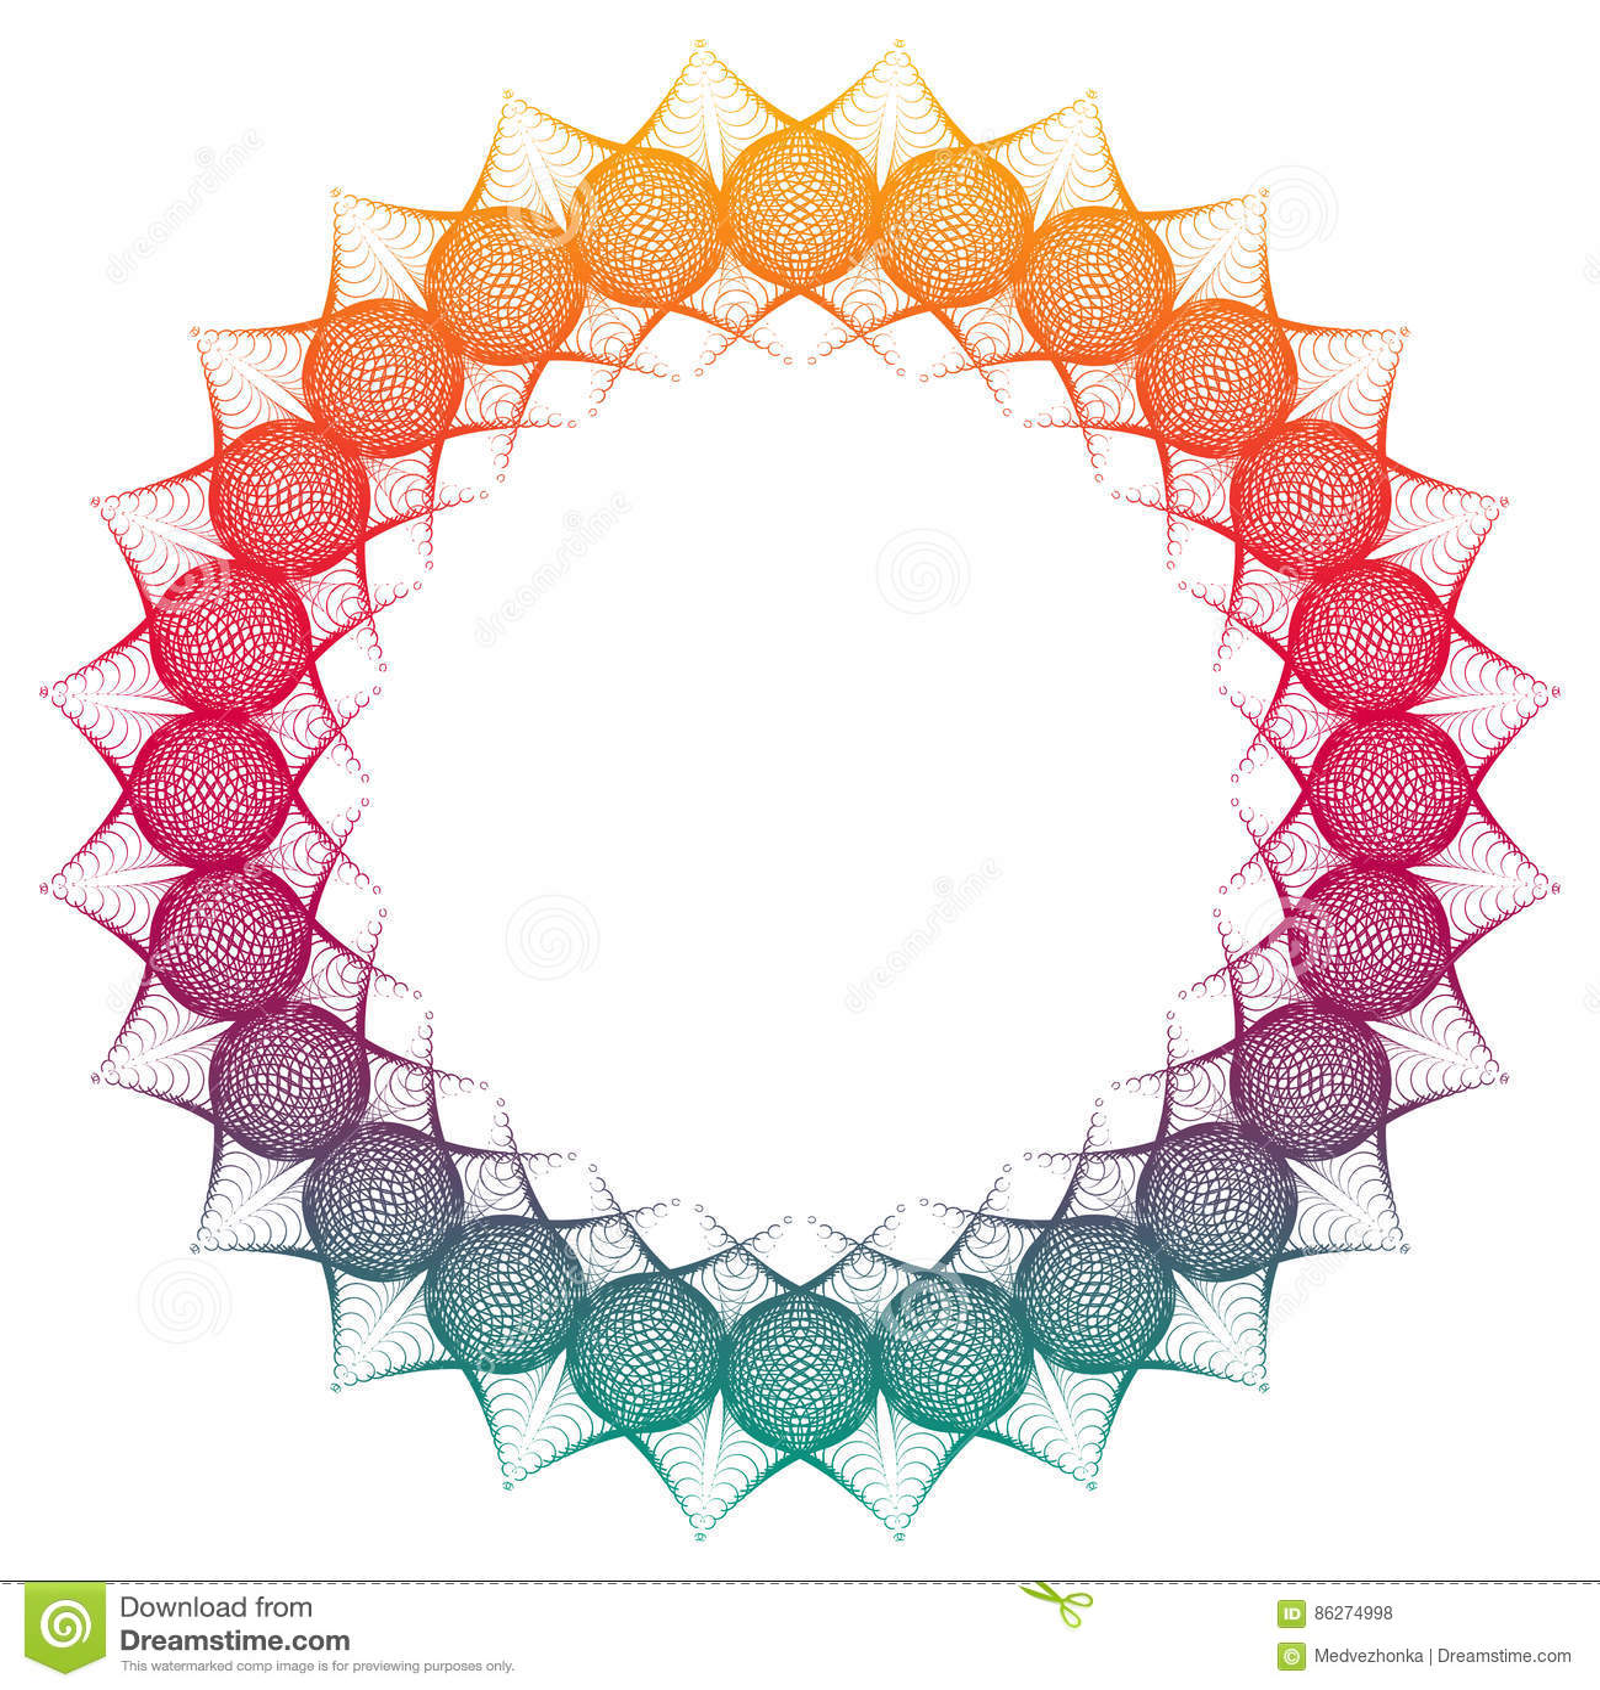 Marco redondo del extracto del color de la pendiente Copie el espacio Clip art de la trama